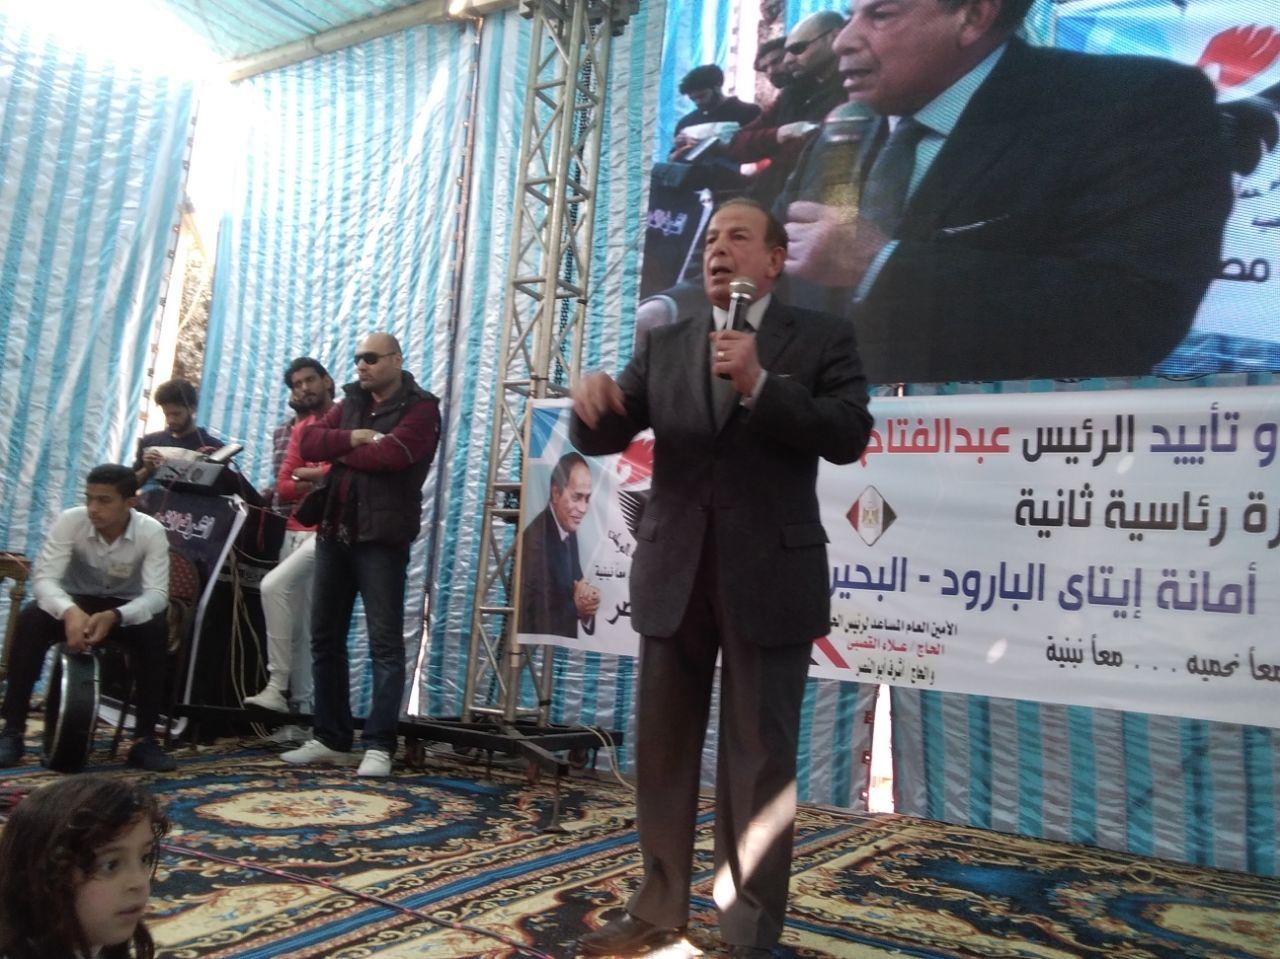 2 اللواء فاروق المق حى عضو مجلس النواب الاسبق